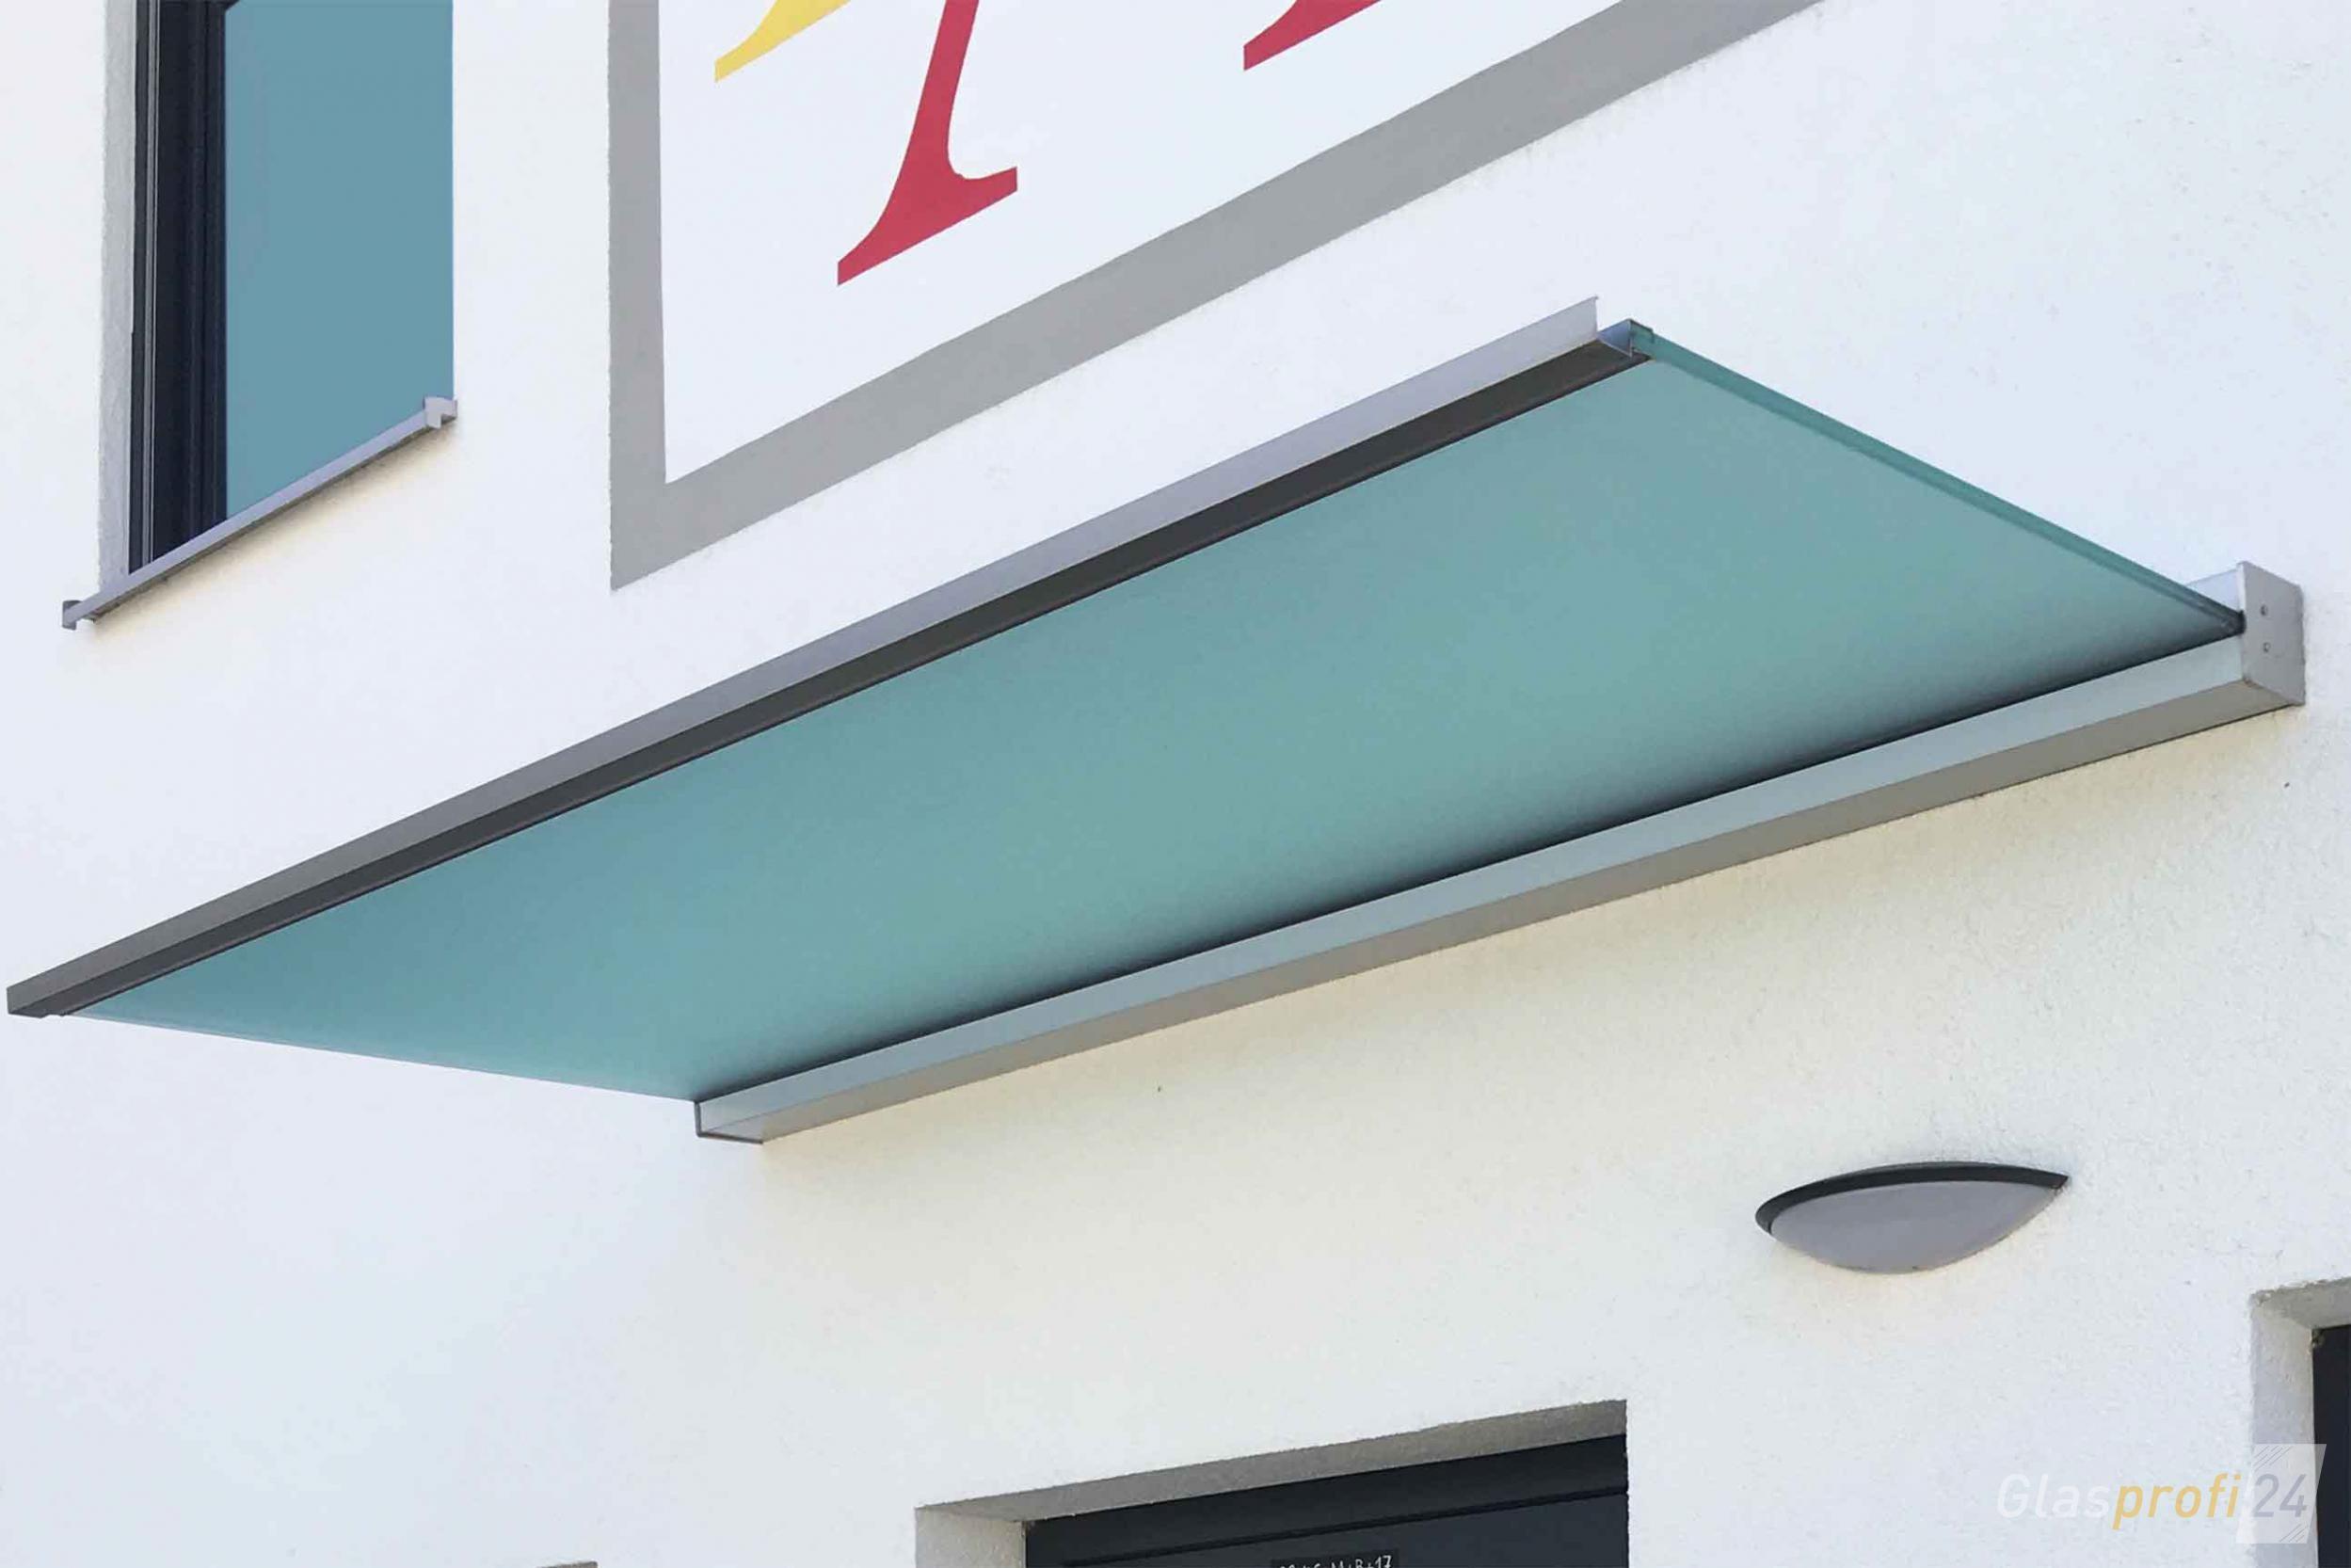 Hausturuberdachung Dura Ein Freitragendes Glas Vordach